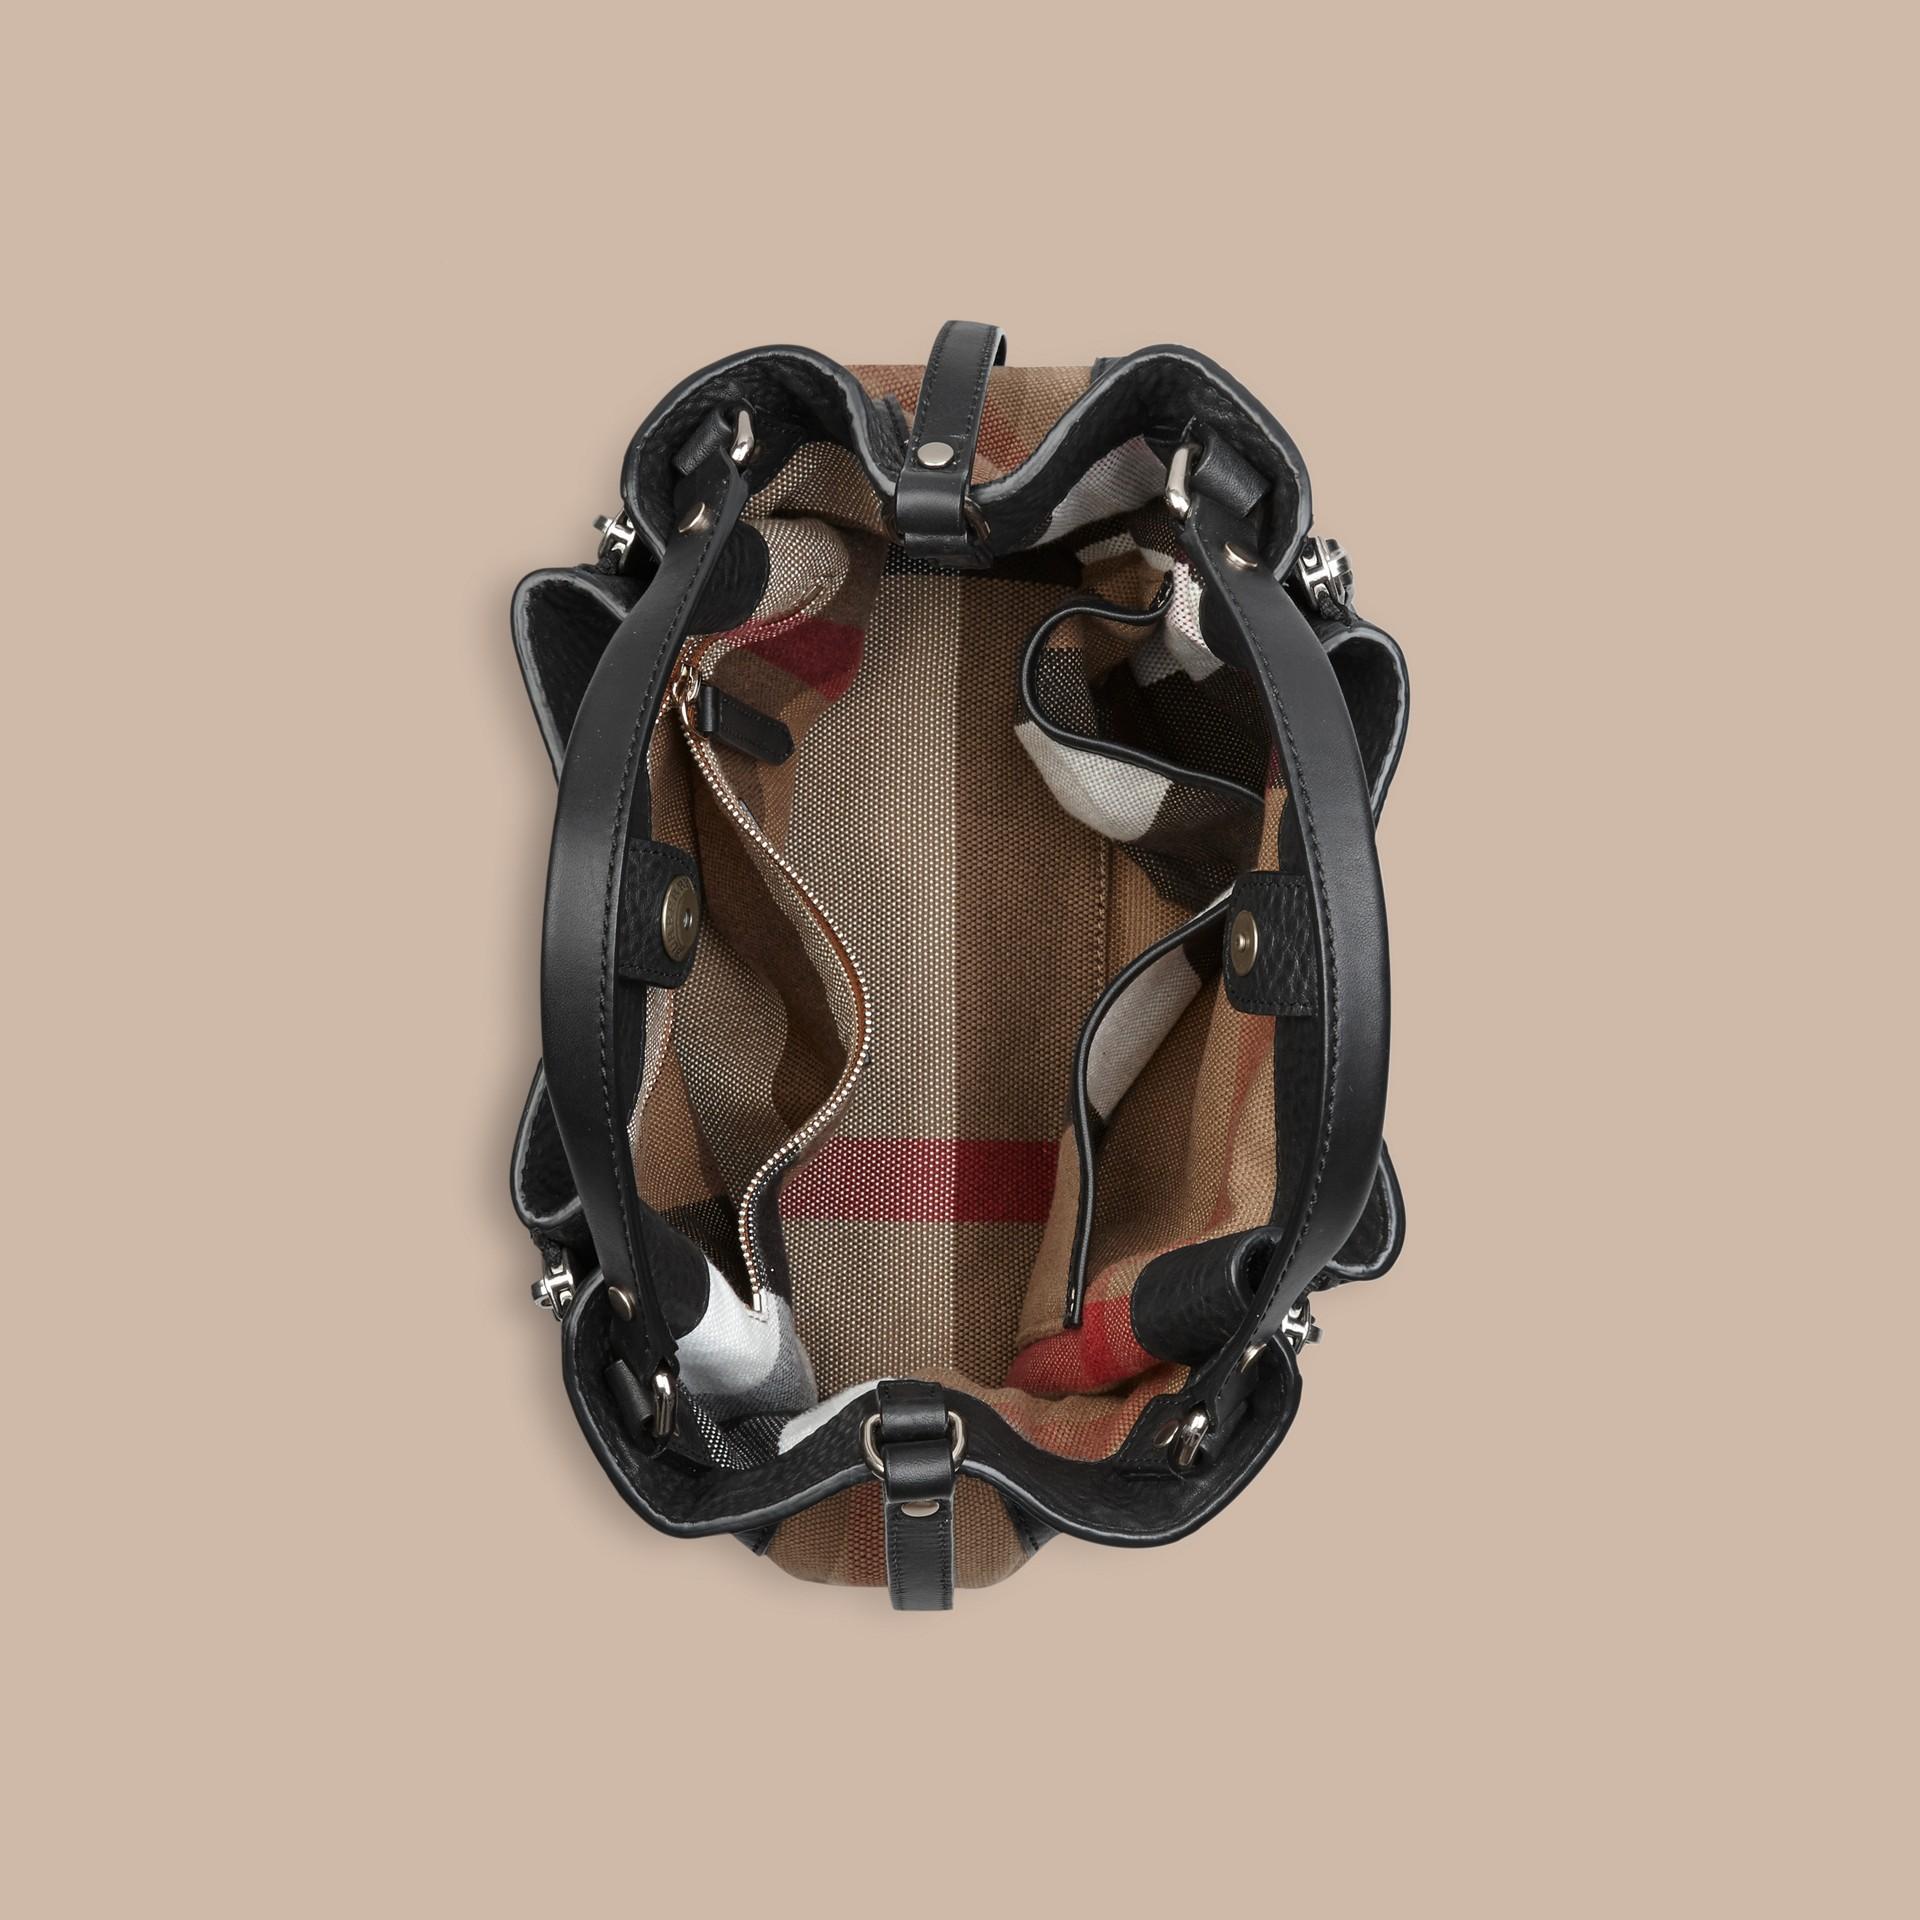 Nero Borsa tote piccola in pelle con dettaglio motivo check Nero - immagine della galleria 7